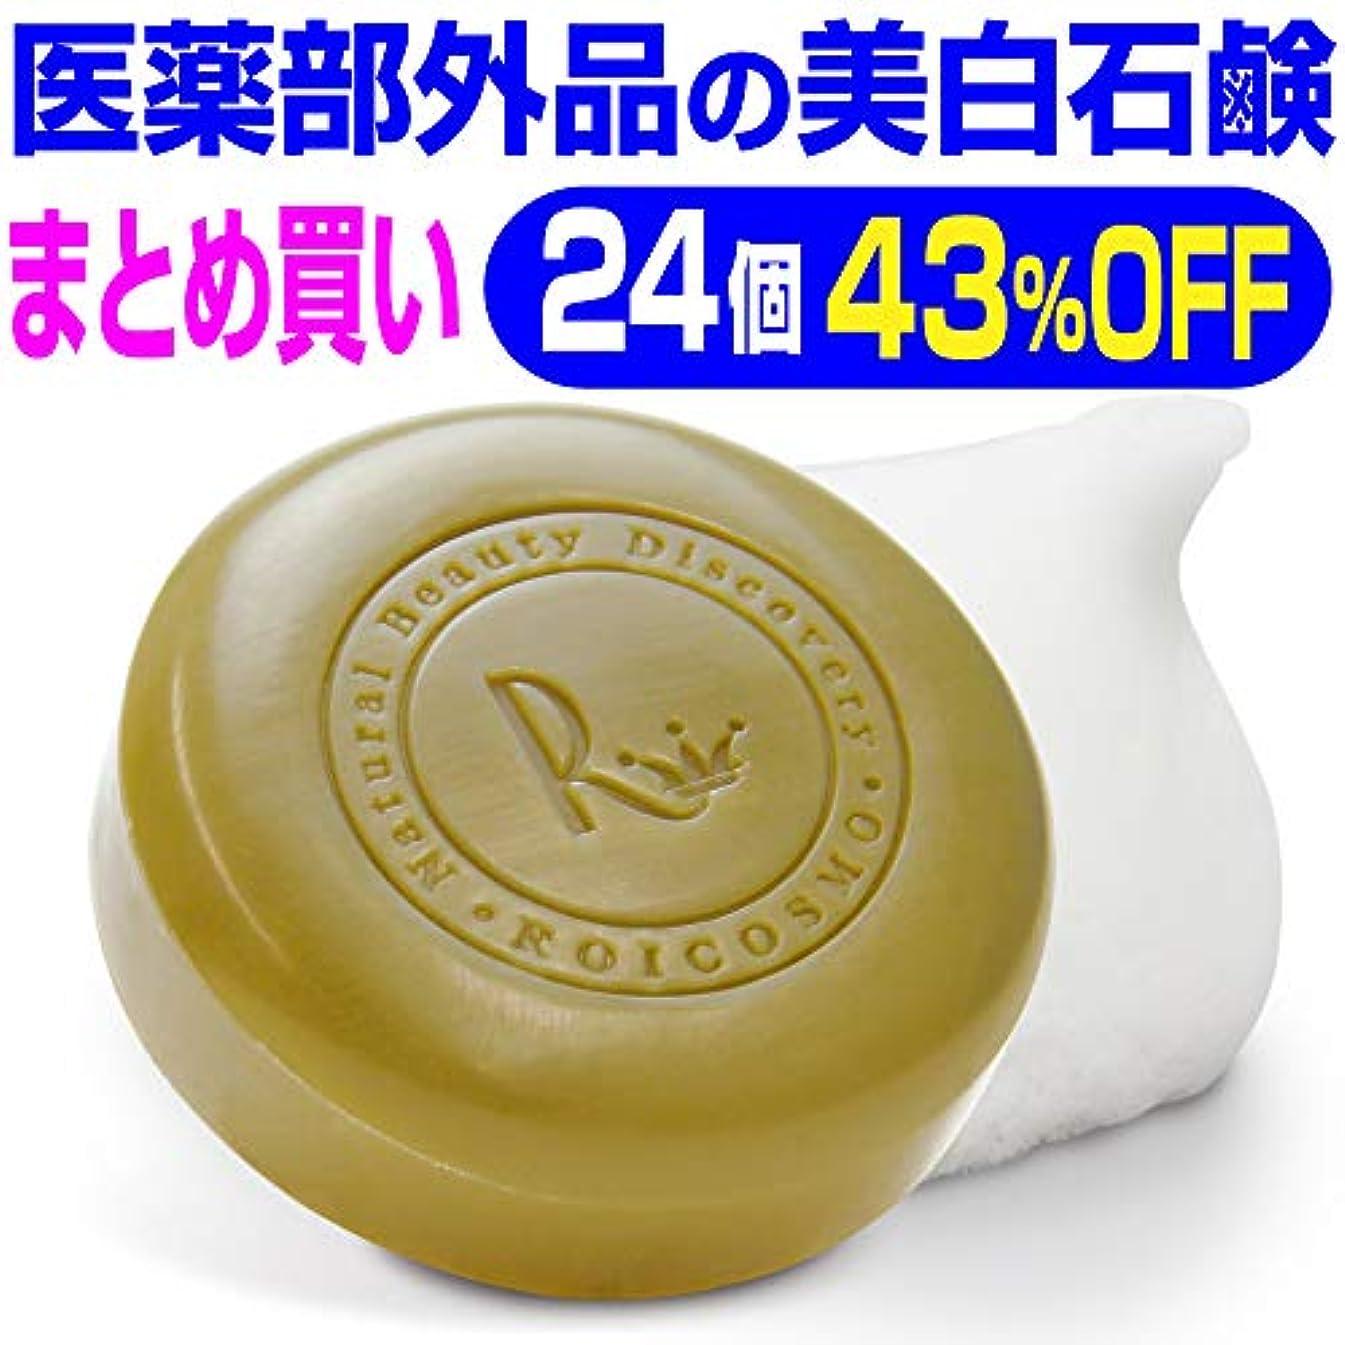 歩き回るその間シャトル24個まとめ買い43%OFF 美白石鹸/ビタミンC270倍の美白成分配合の 洗顔石鹸『ホワイトソープ100g×24個』